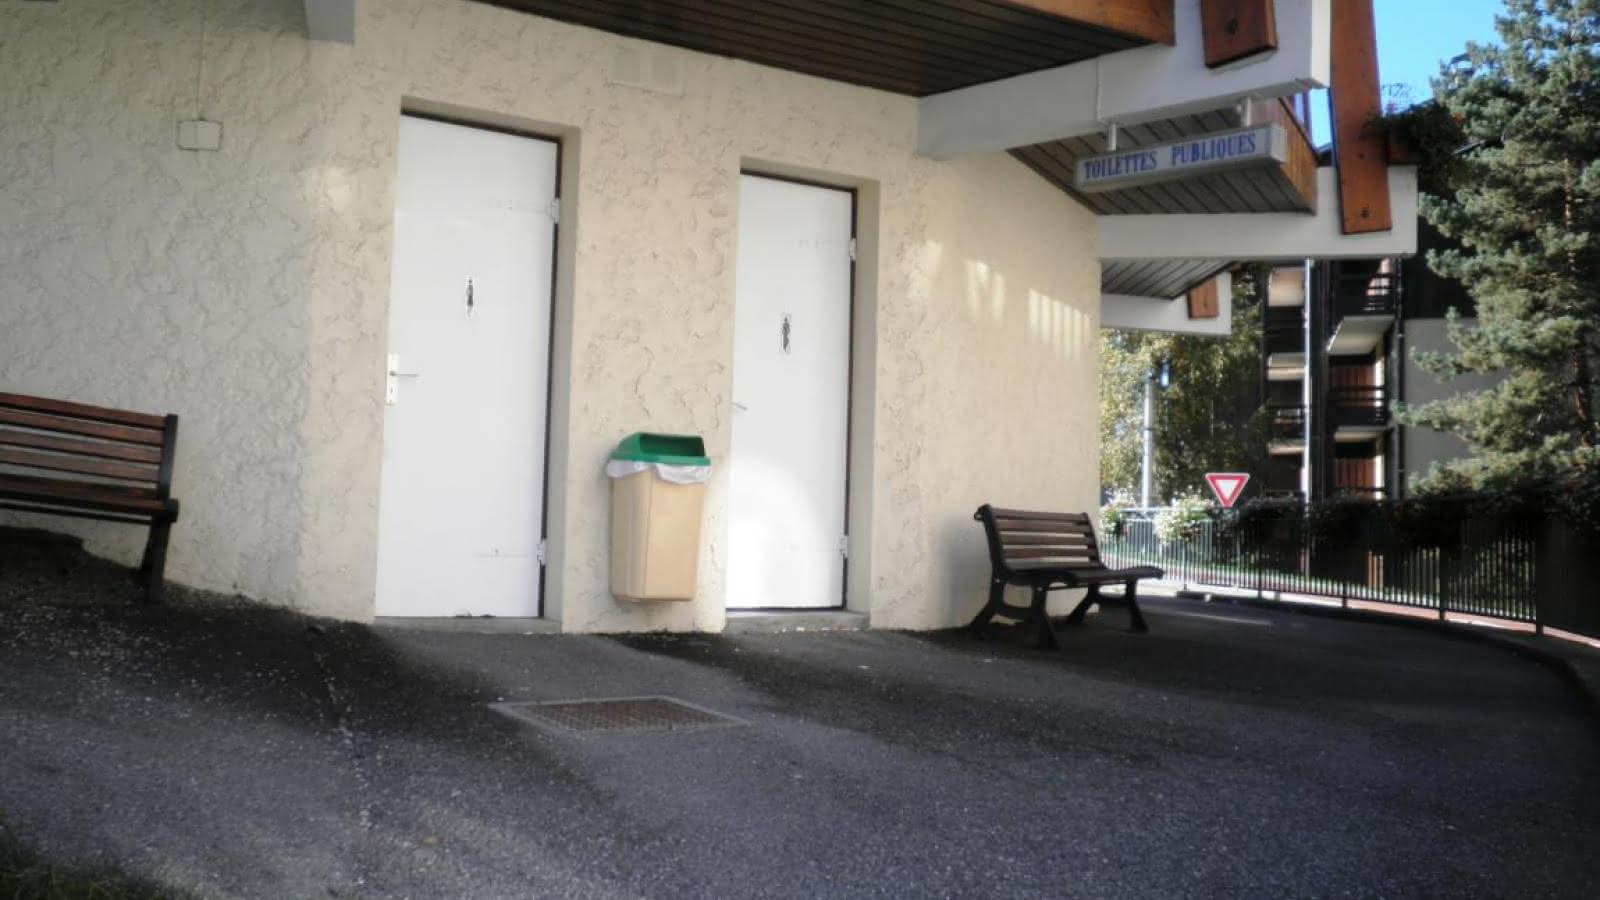 Toilettes publiques en dessous de l'Office de Tourisme